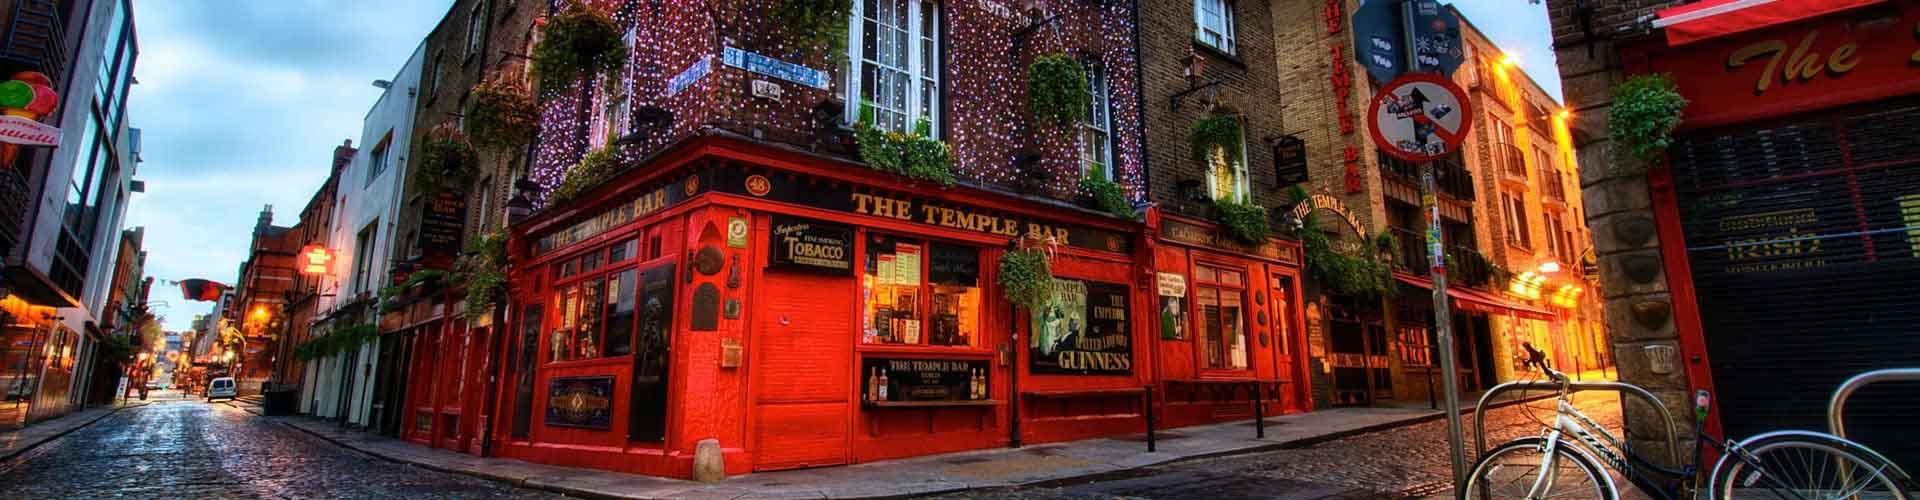 ダブリン – Temple Bar地区のアパート. 地図 ダブリン, すべてのアパートの写真とレビュー ダブリン.